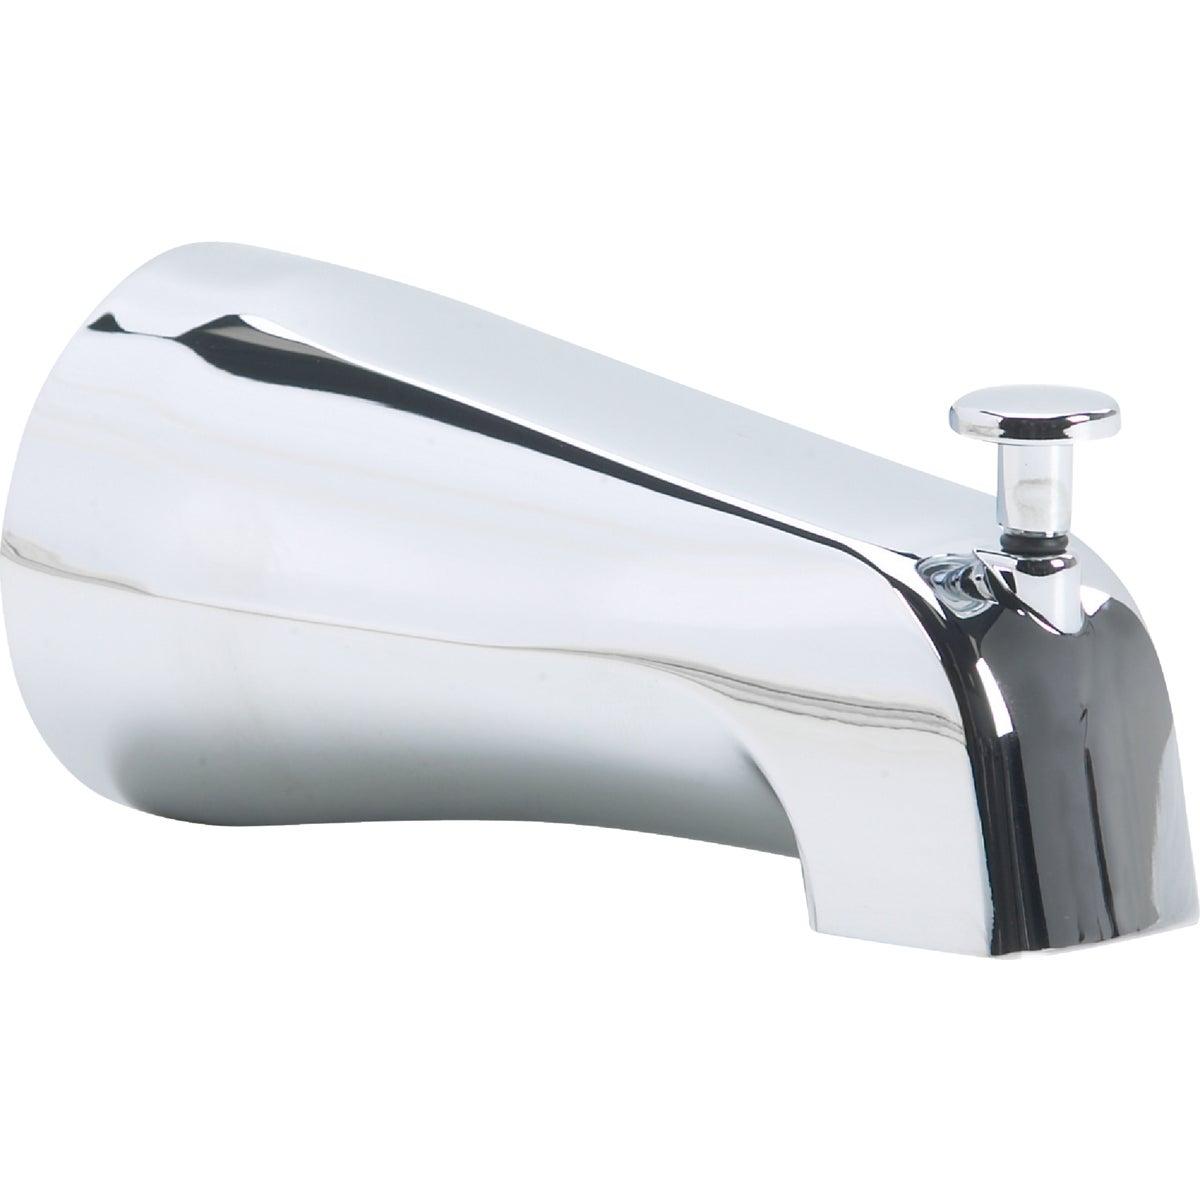 IPS DIVERTER BATH SPOUT - GP85555-CP by Kohler Co